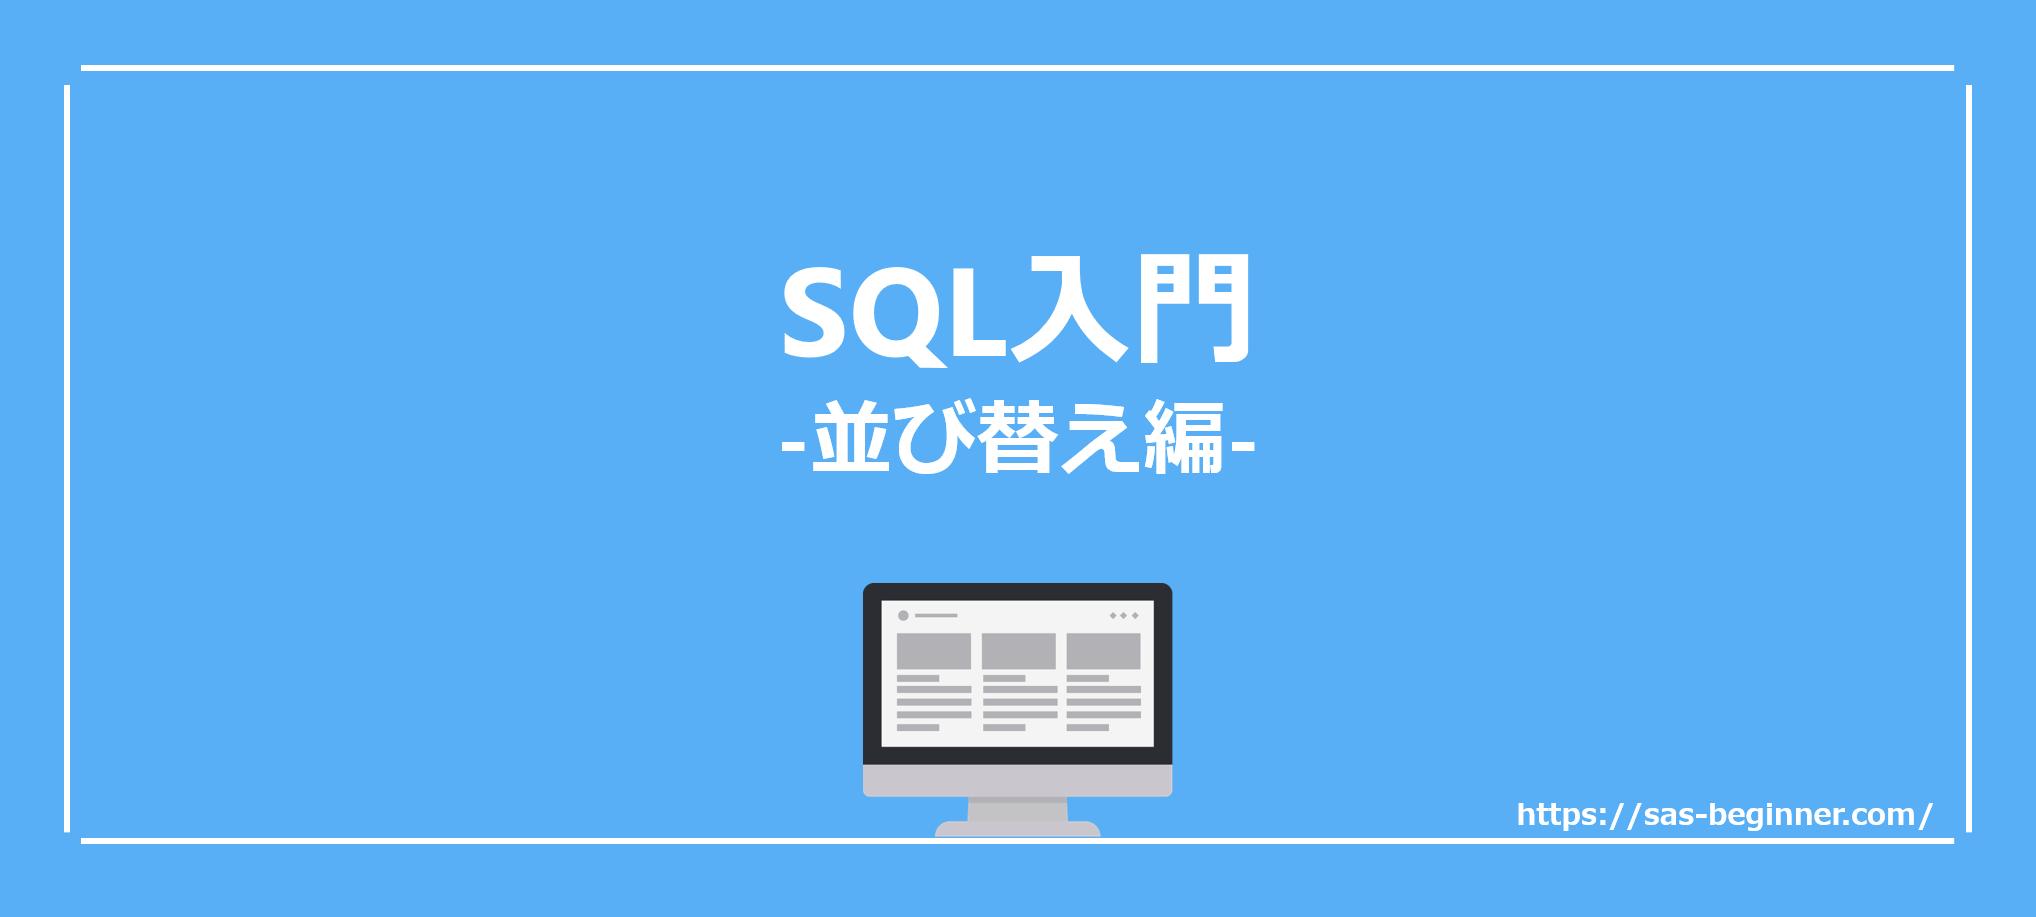 【SAS】SQL入門(並び替え編)